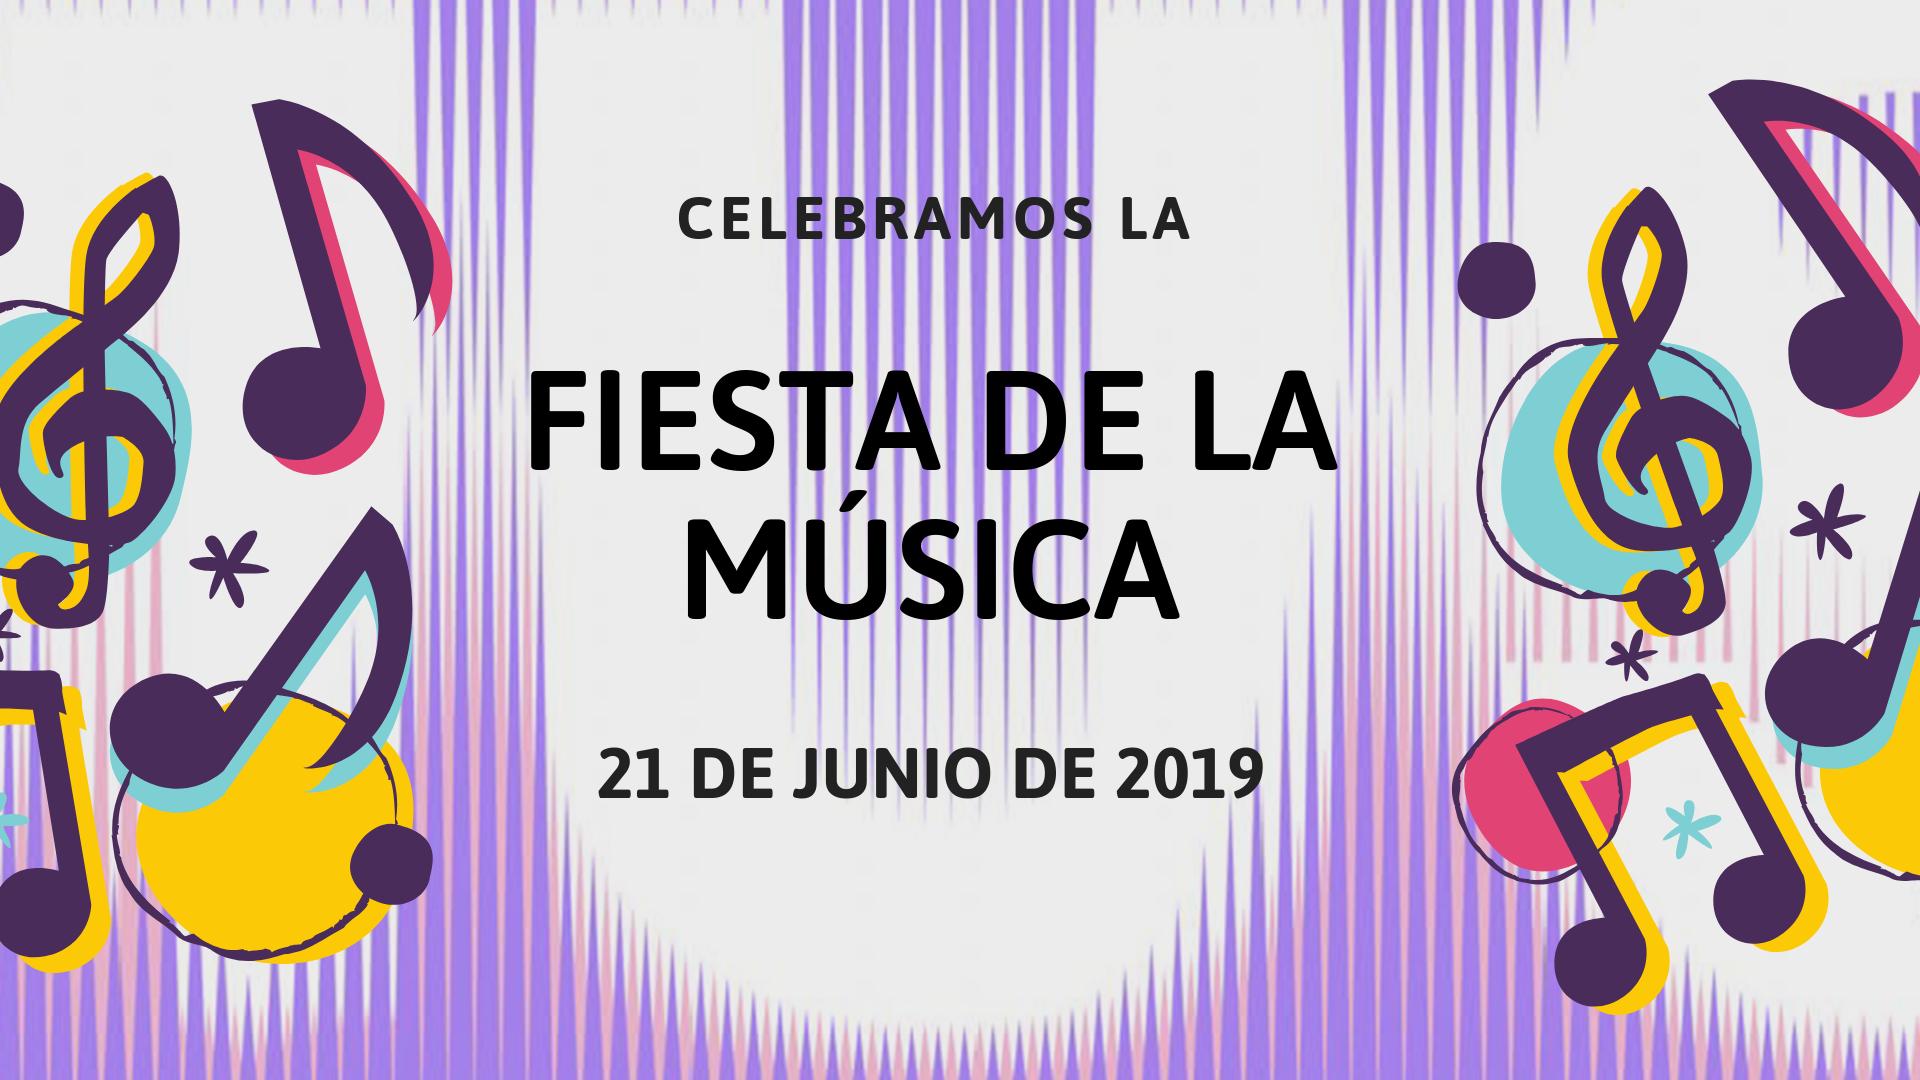 ¡Celebramos la Fiesta de la Música 2019!